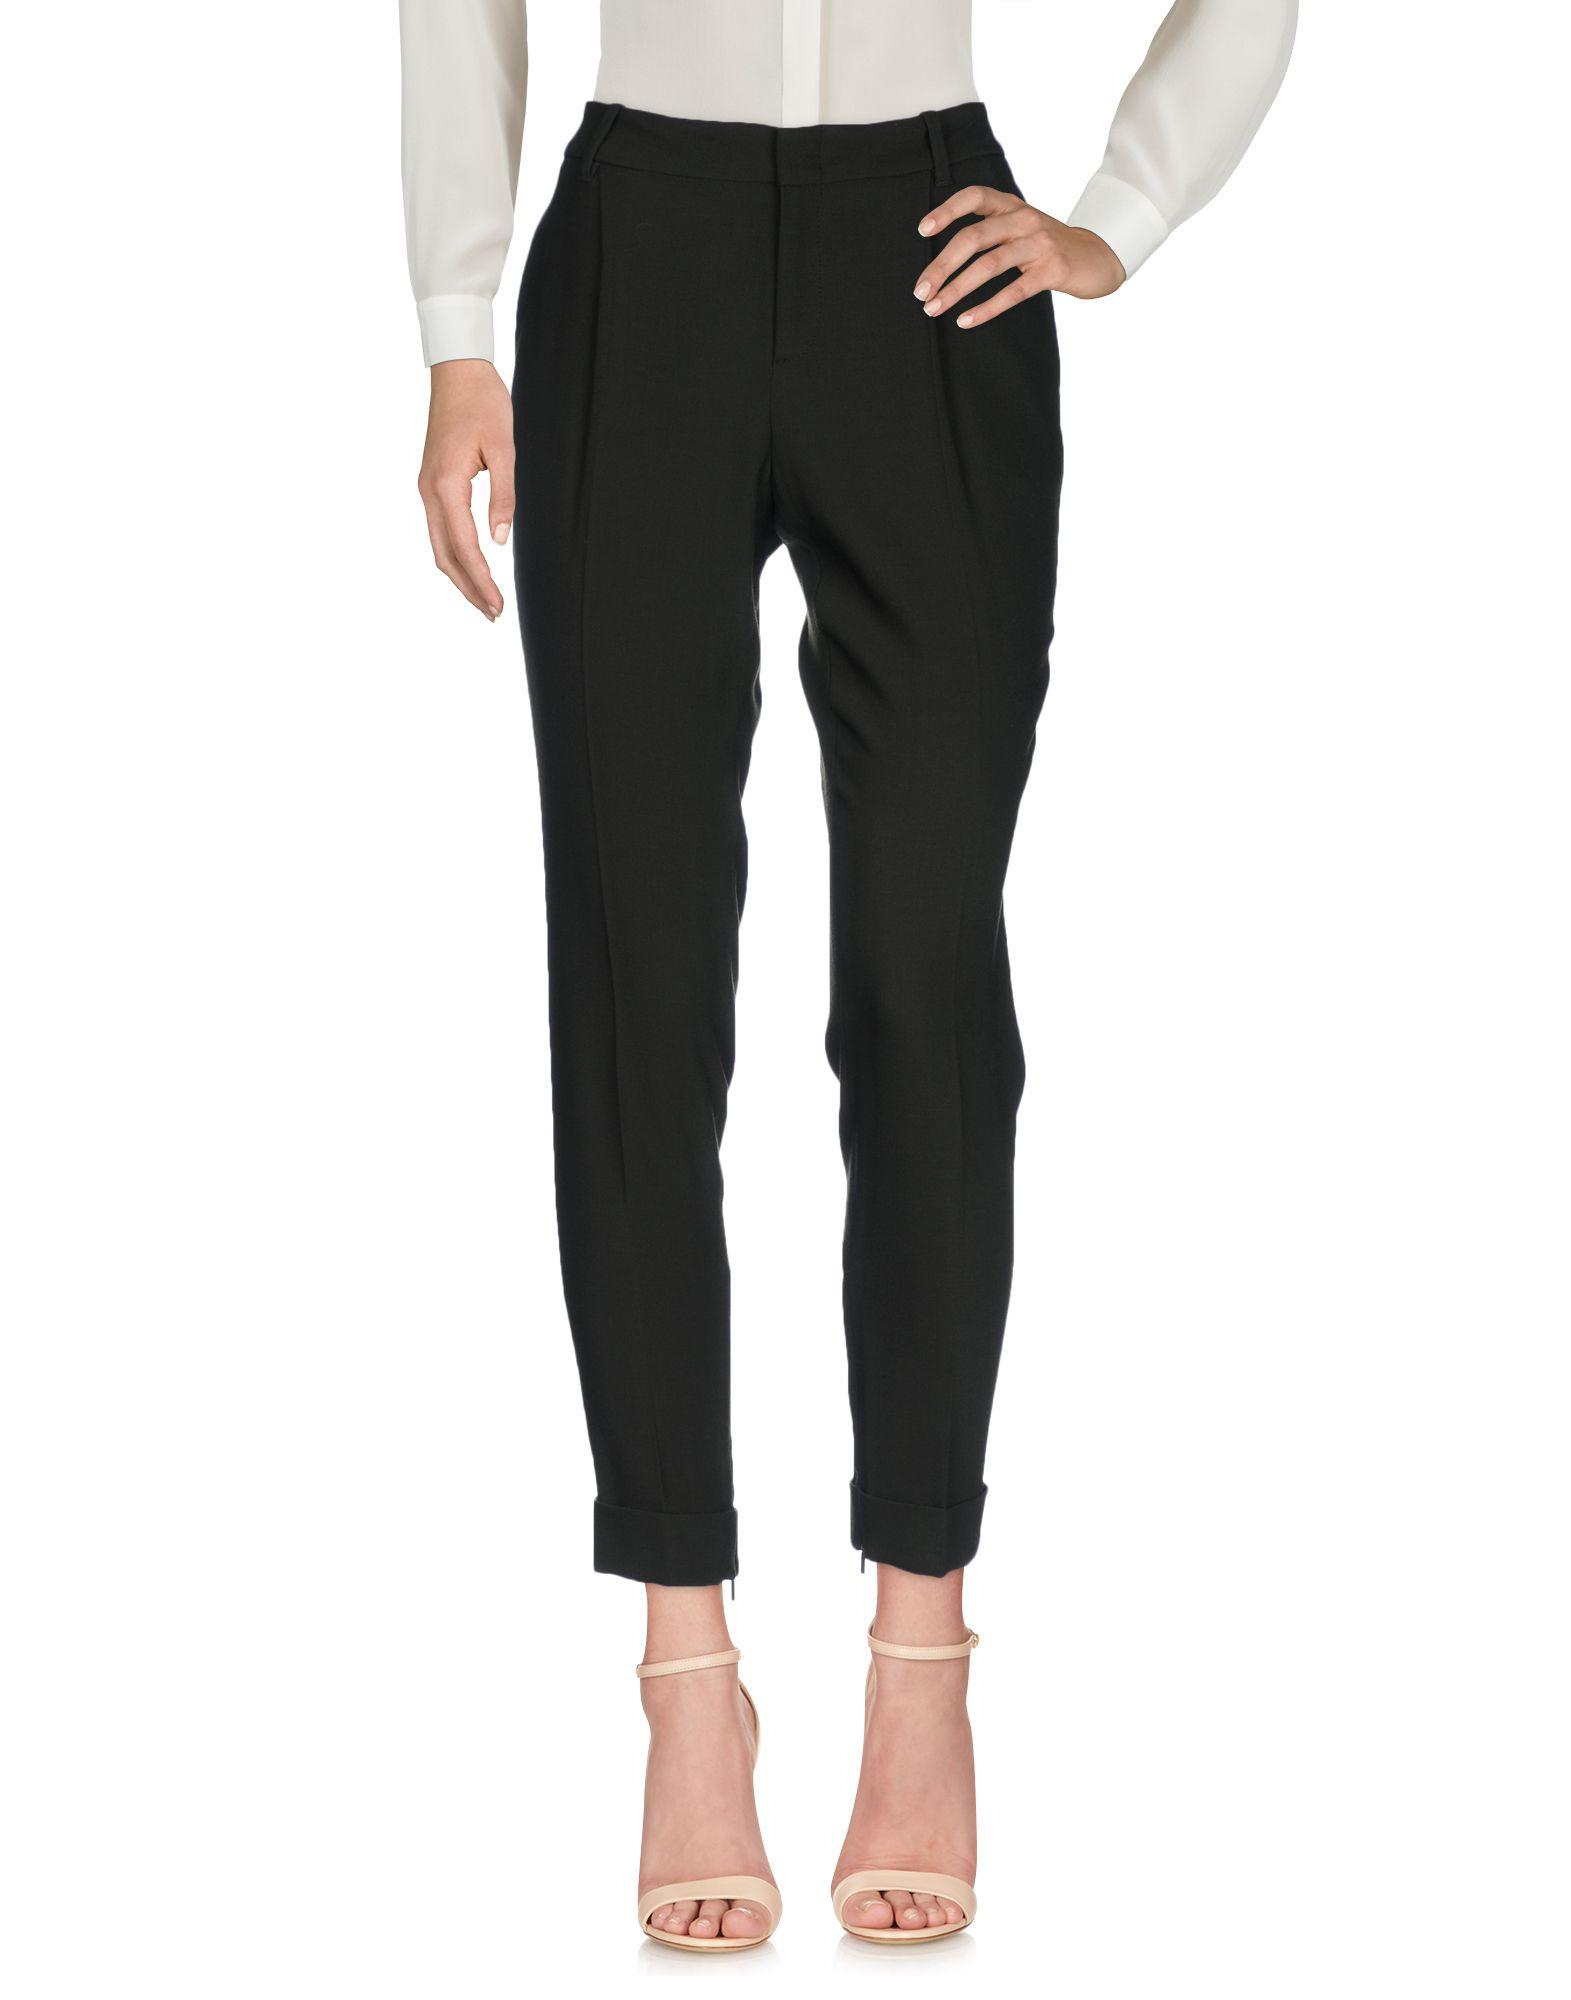 Pantalone Gucci Donna - Acquista online su bGPsyzP